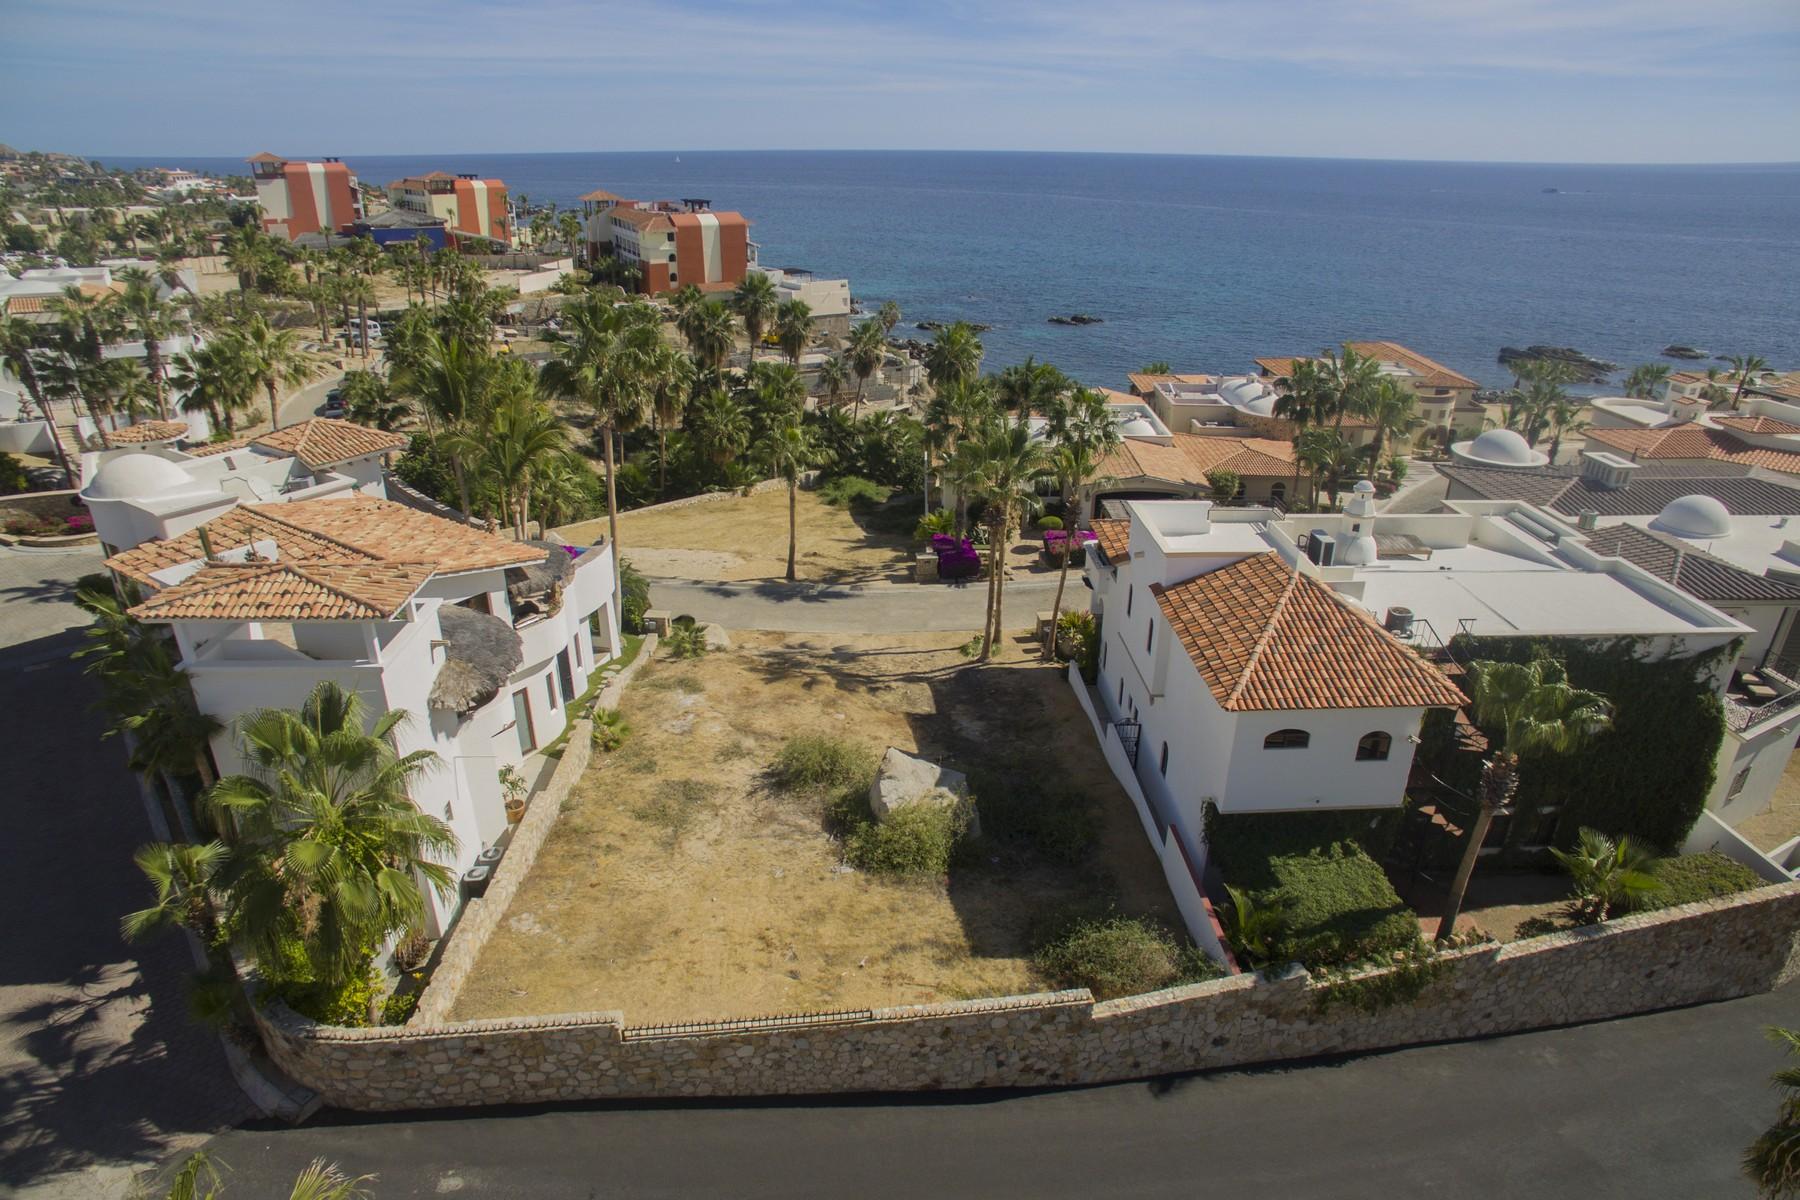 Lot 02 Playa Del Rey